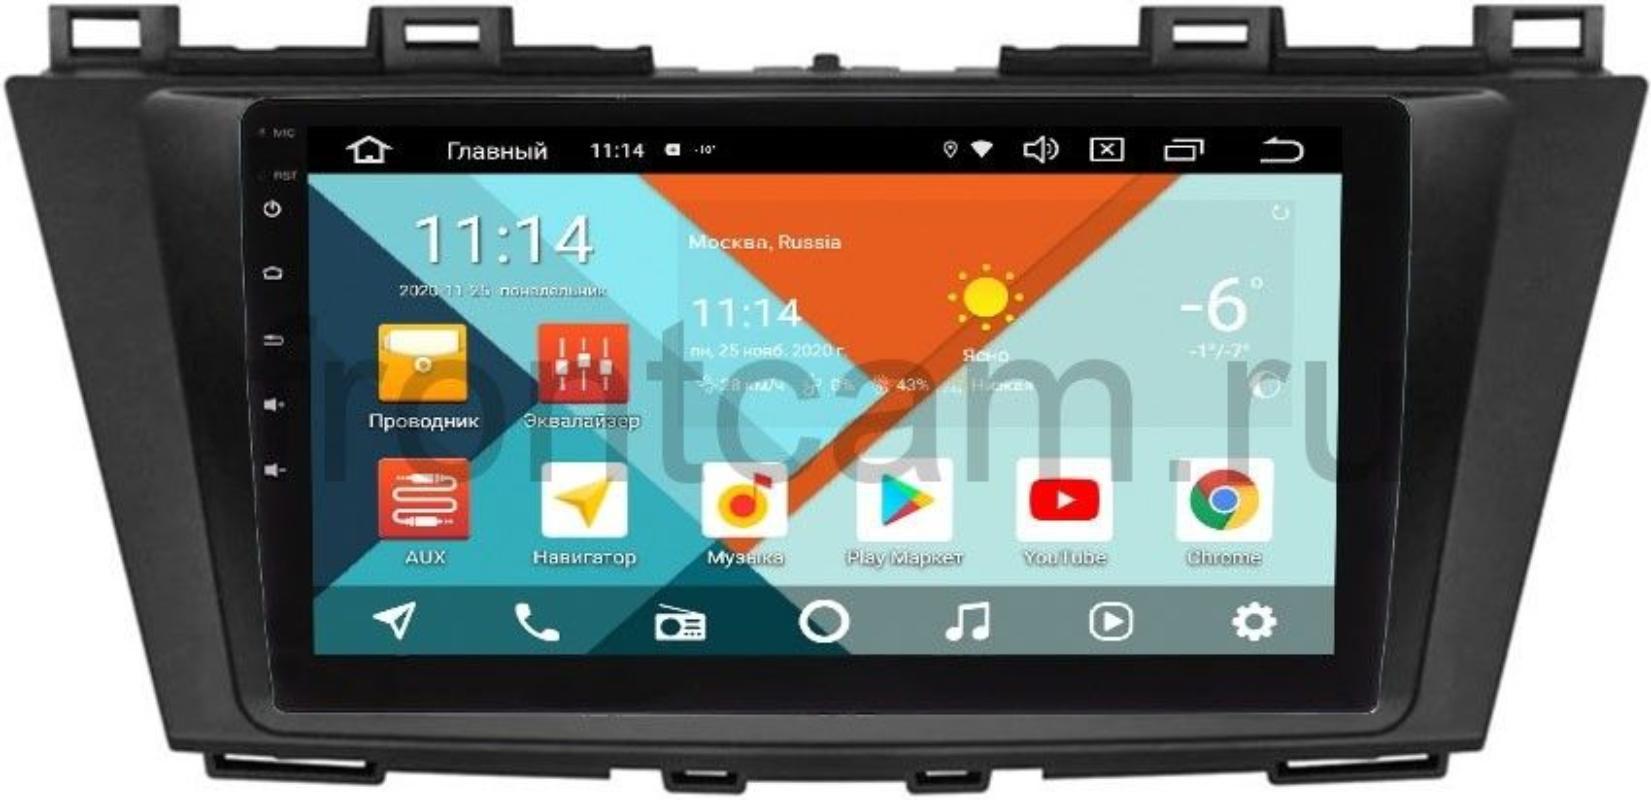 Штатная магнитола Mazda 5 II (CW), Premacy III (CW) 2010-2017 Wide Media KS9223QR-3/32 DSP CarPlay 4G-SIM на Android 10 (+ Камера заднего вида в подарок!)